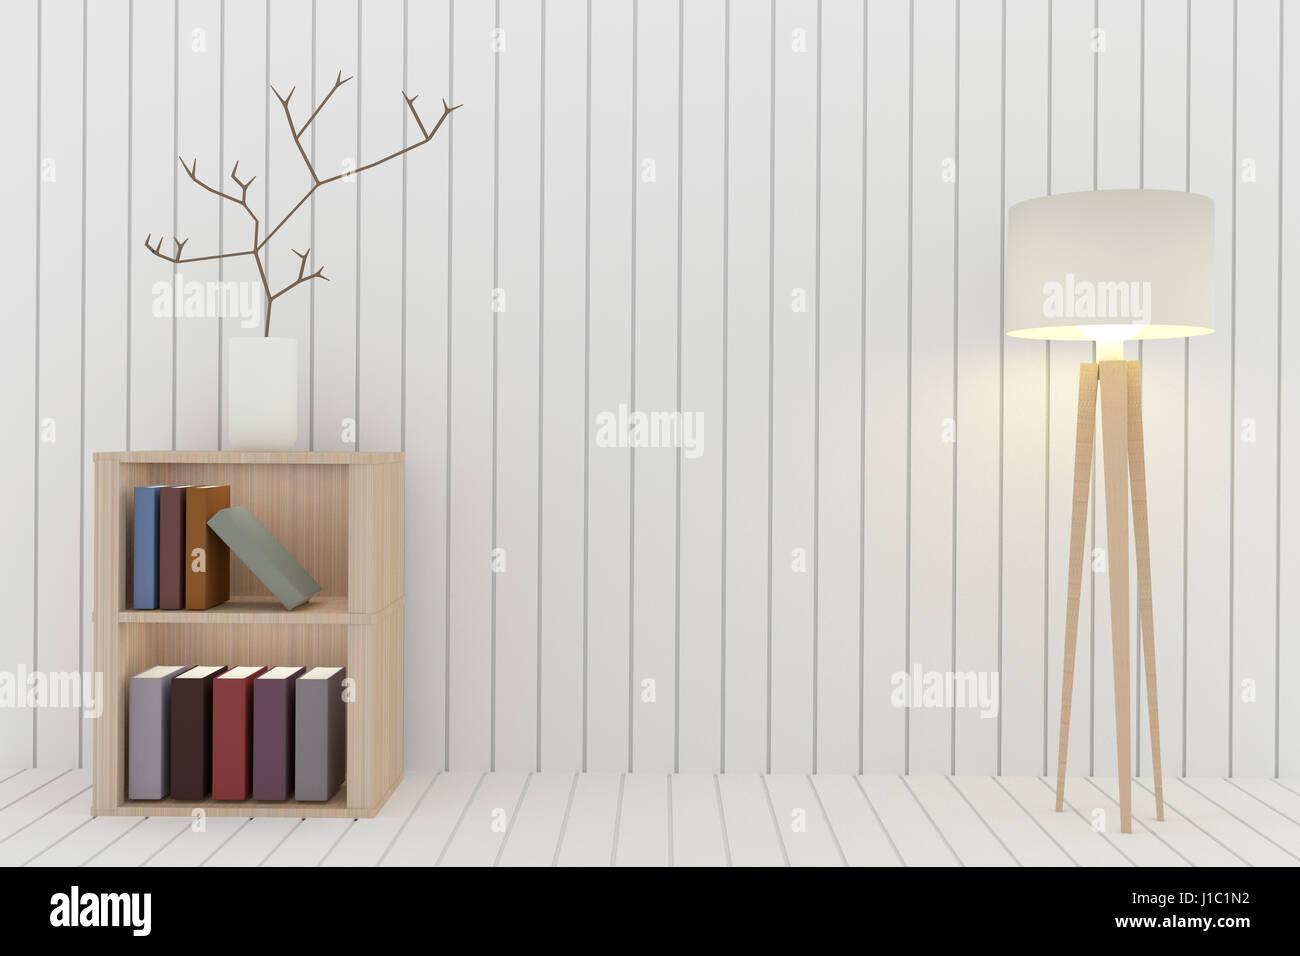 Bücherregal mit Lampe Dekoration in weiß Raumgestaltung in 3D ...